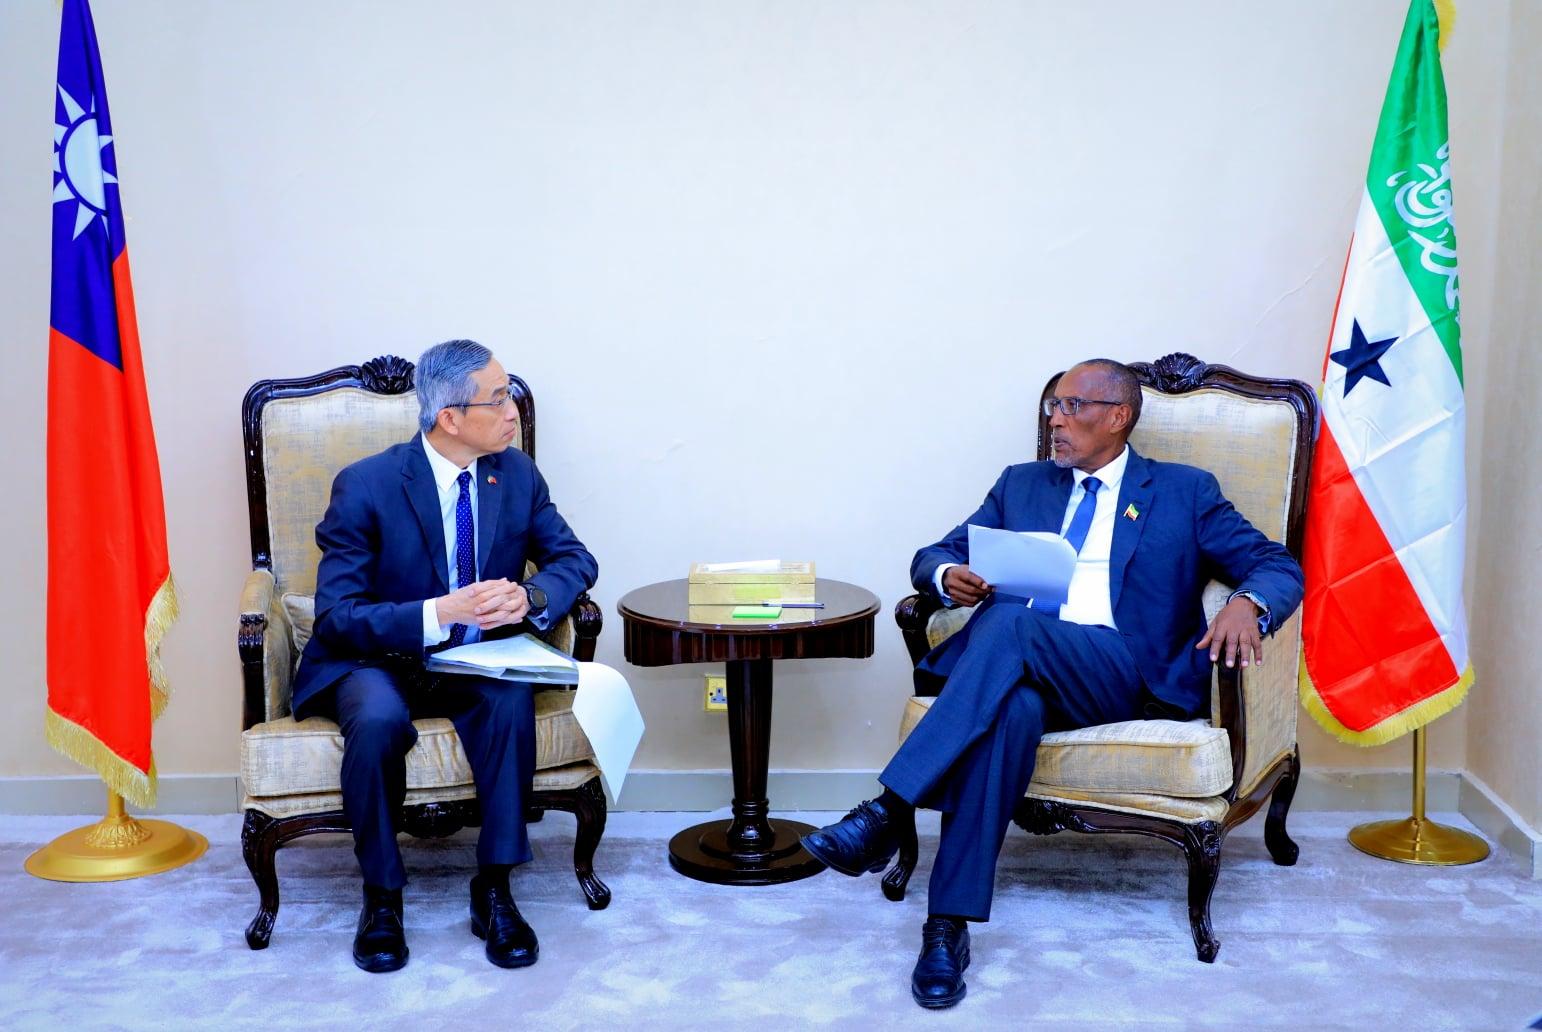 Madaxweyne Muuse Biixi Oo Kulan La Yeeshay Safiirka Taiwan U Fadhiya Somaliland.